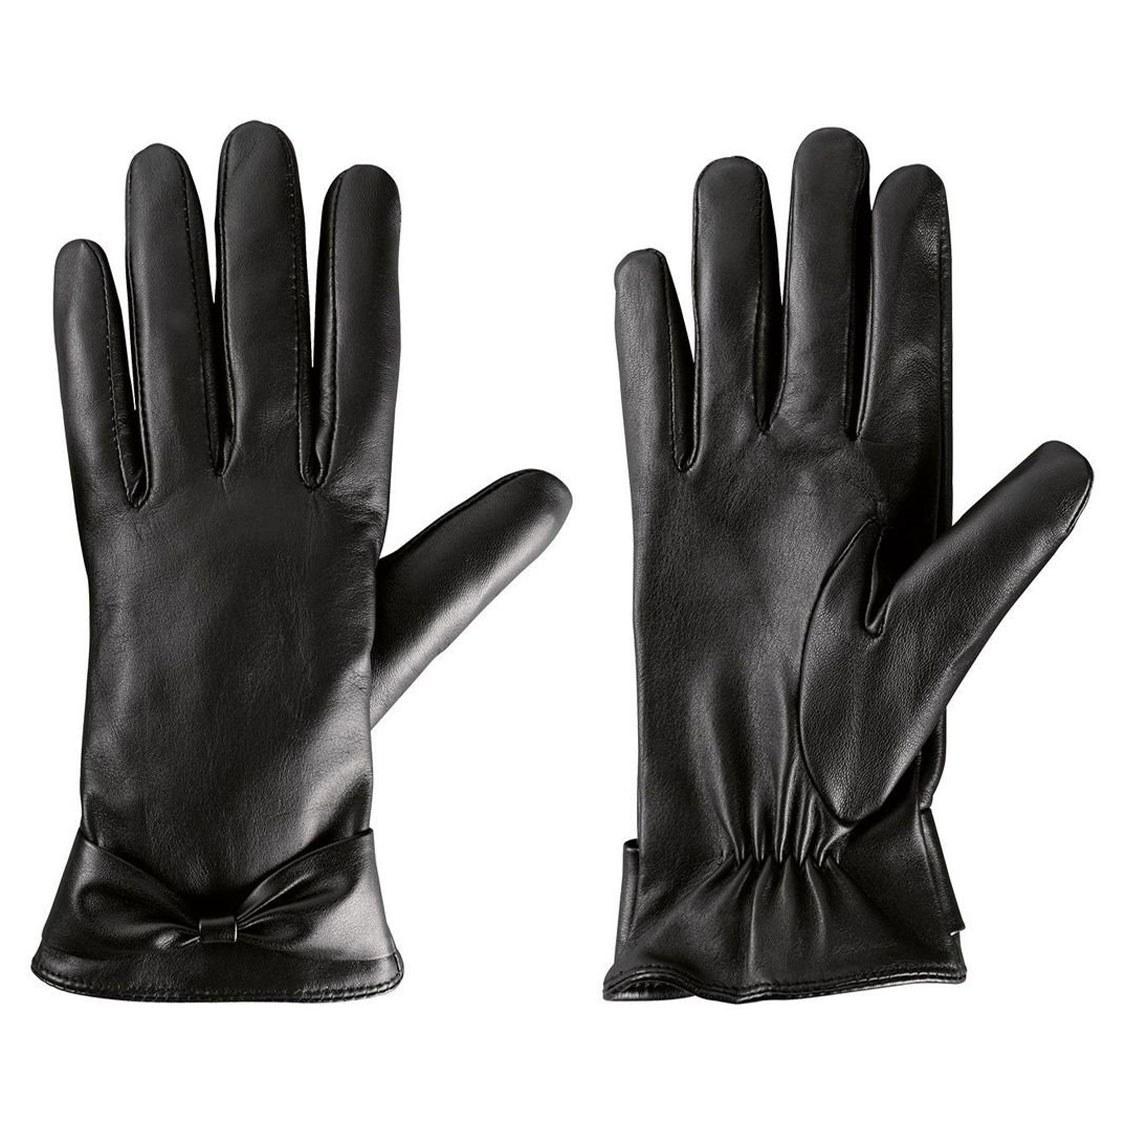 عکس دستکش چرم زنانه اسمارا کد 37644  دستکش-چرم-زنانه-اسمارا-کد-37644